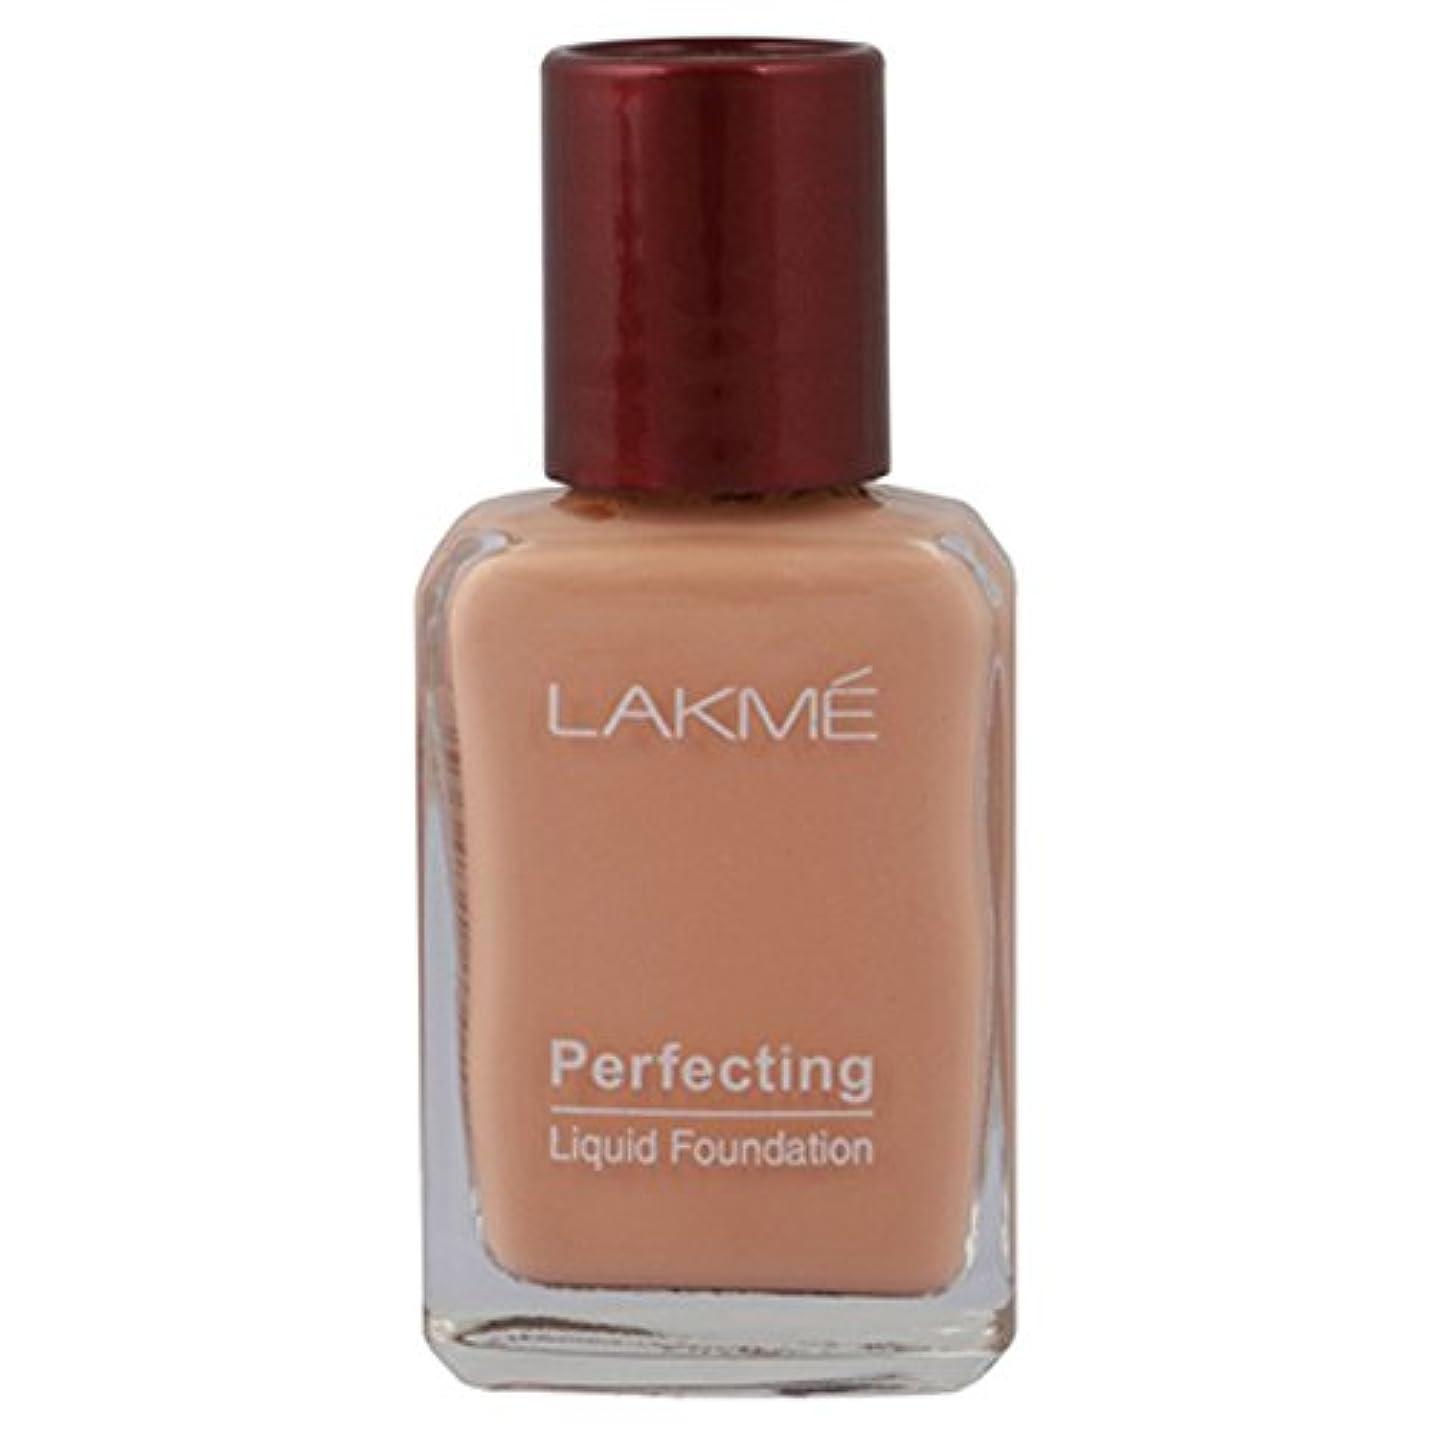 ピストルループする必要があるLakme Perfecting Liquid Foundation, Pearl, 27 ml